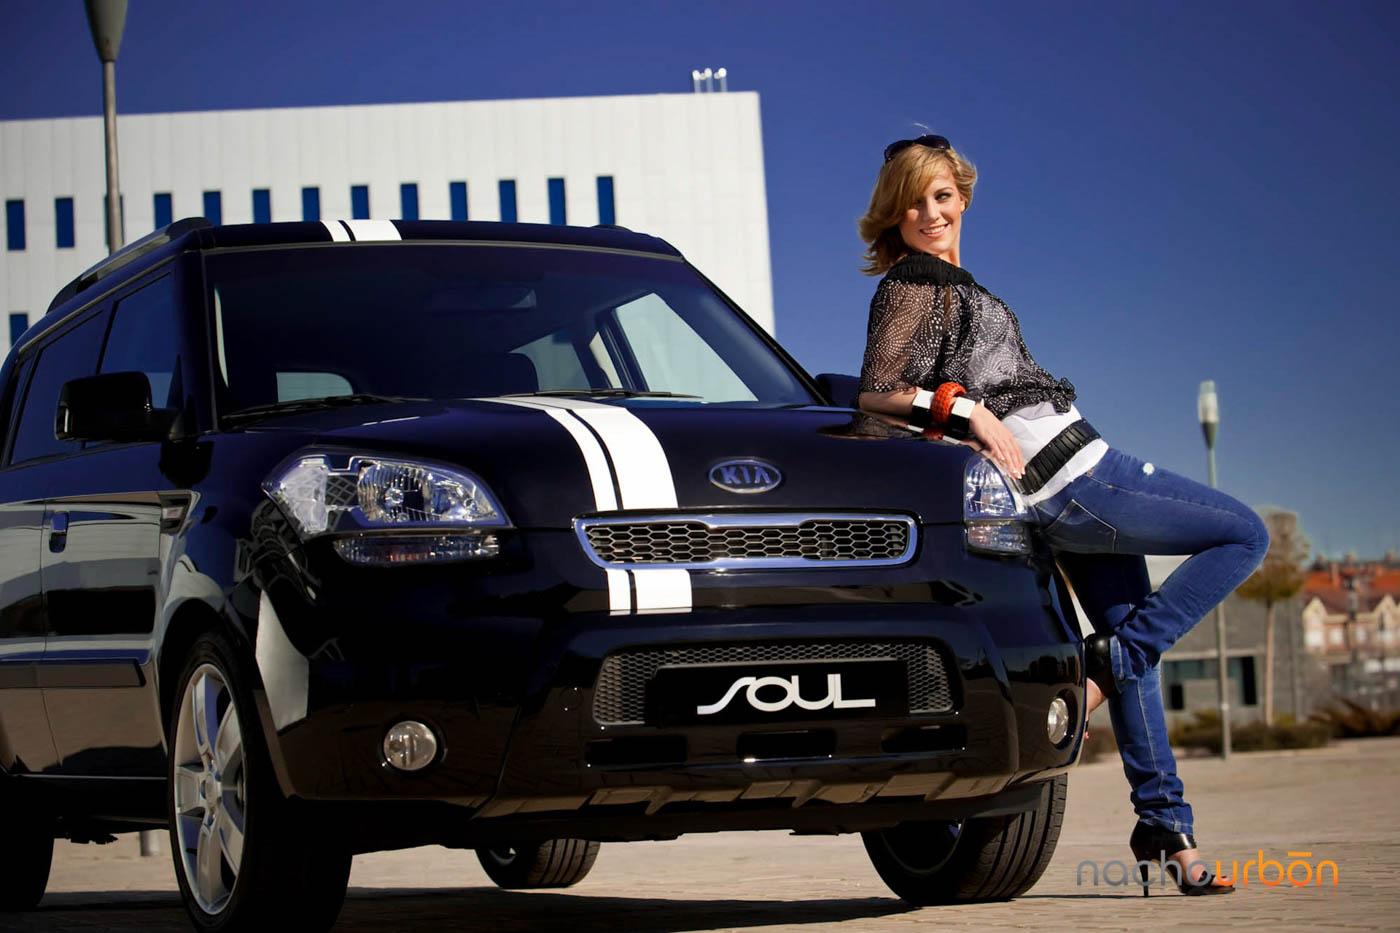 fotografo-coches-automóvil-especialista-fotografía